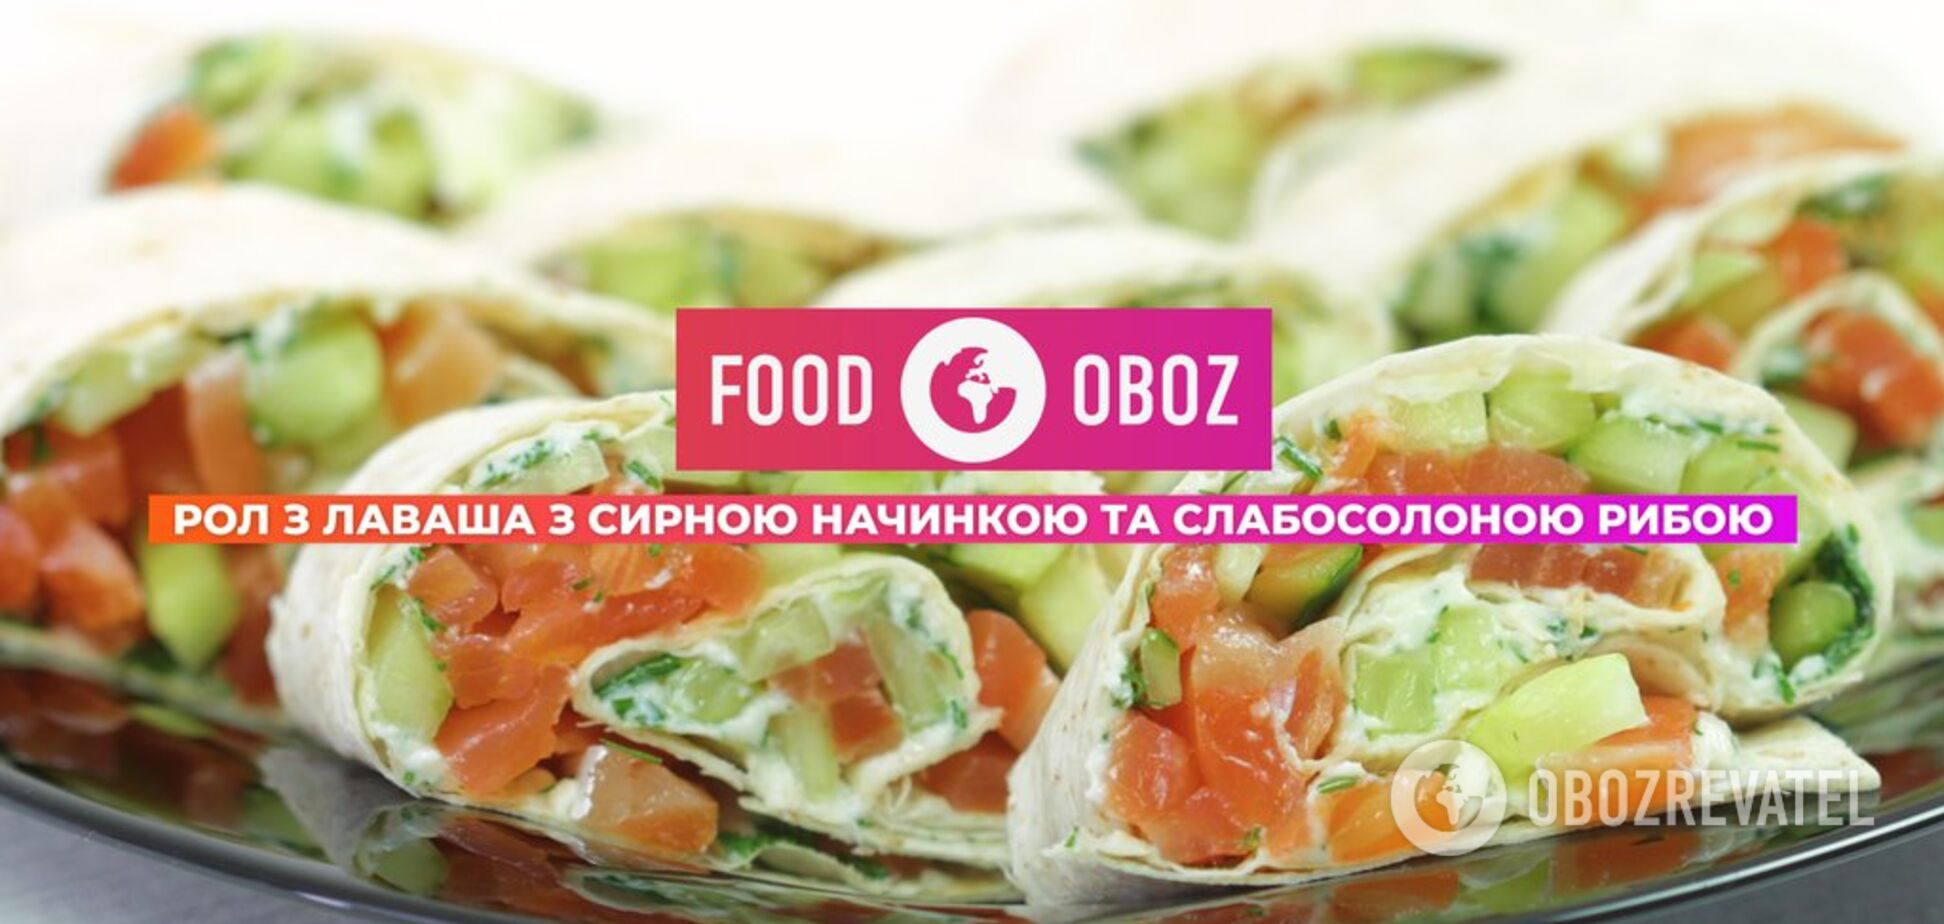 FOODOBOZ | Ролл из лаваша с творожной начинкой и слабосоленой рыбой